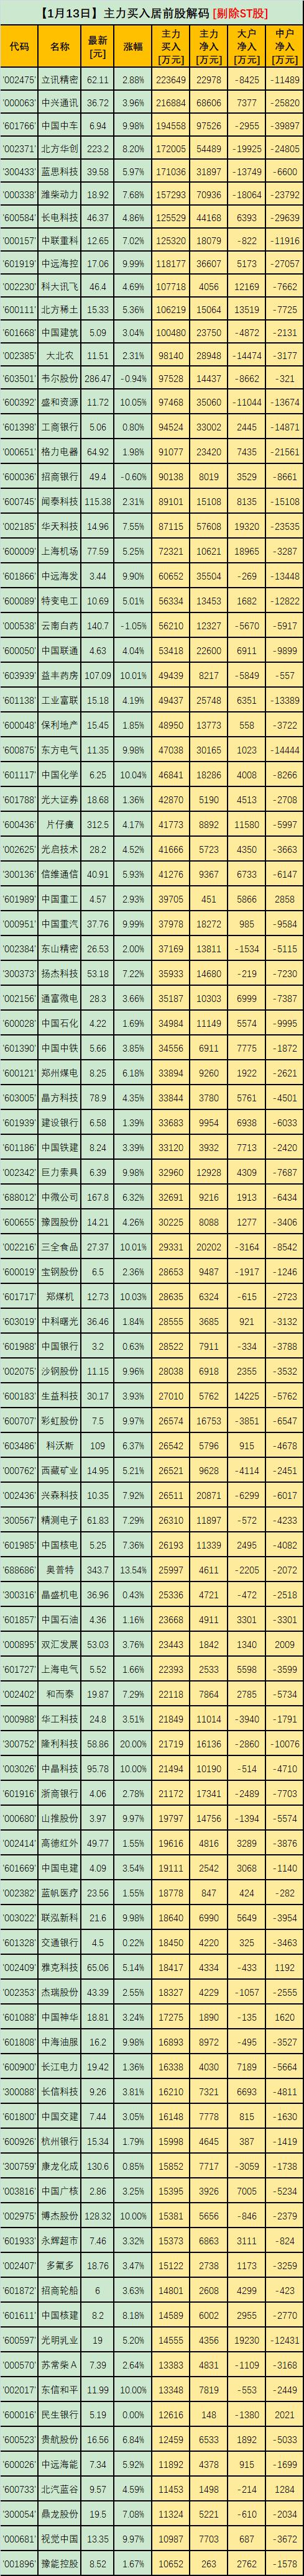 立讯精密、中兴通讯、中国中车、北方华创、蓝思科技位居前五!